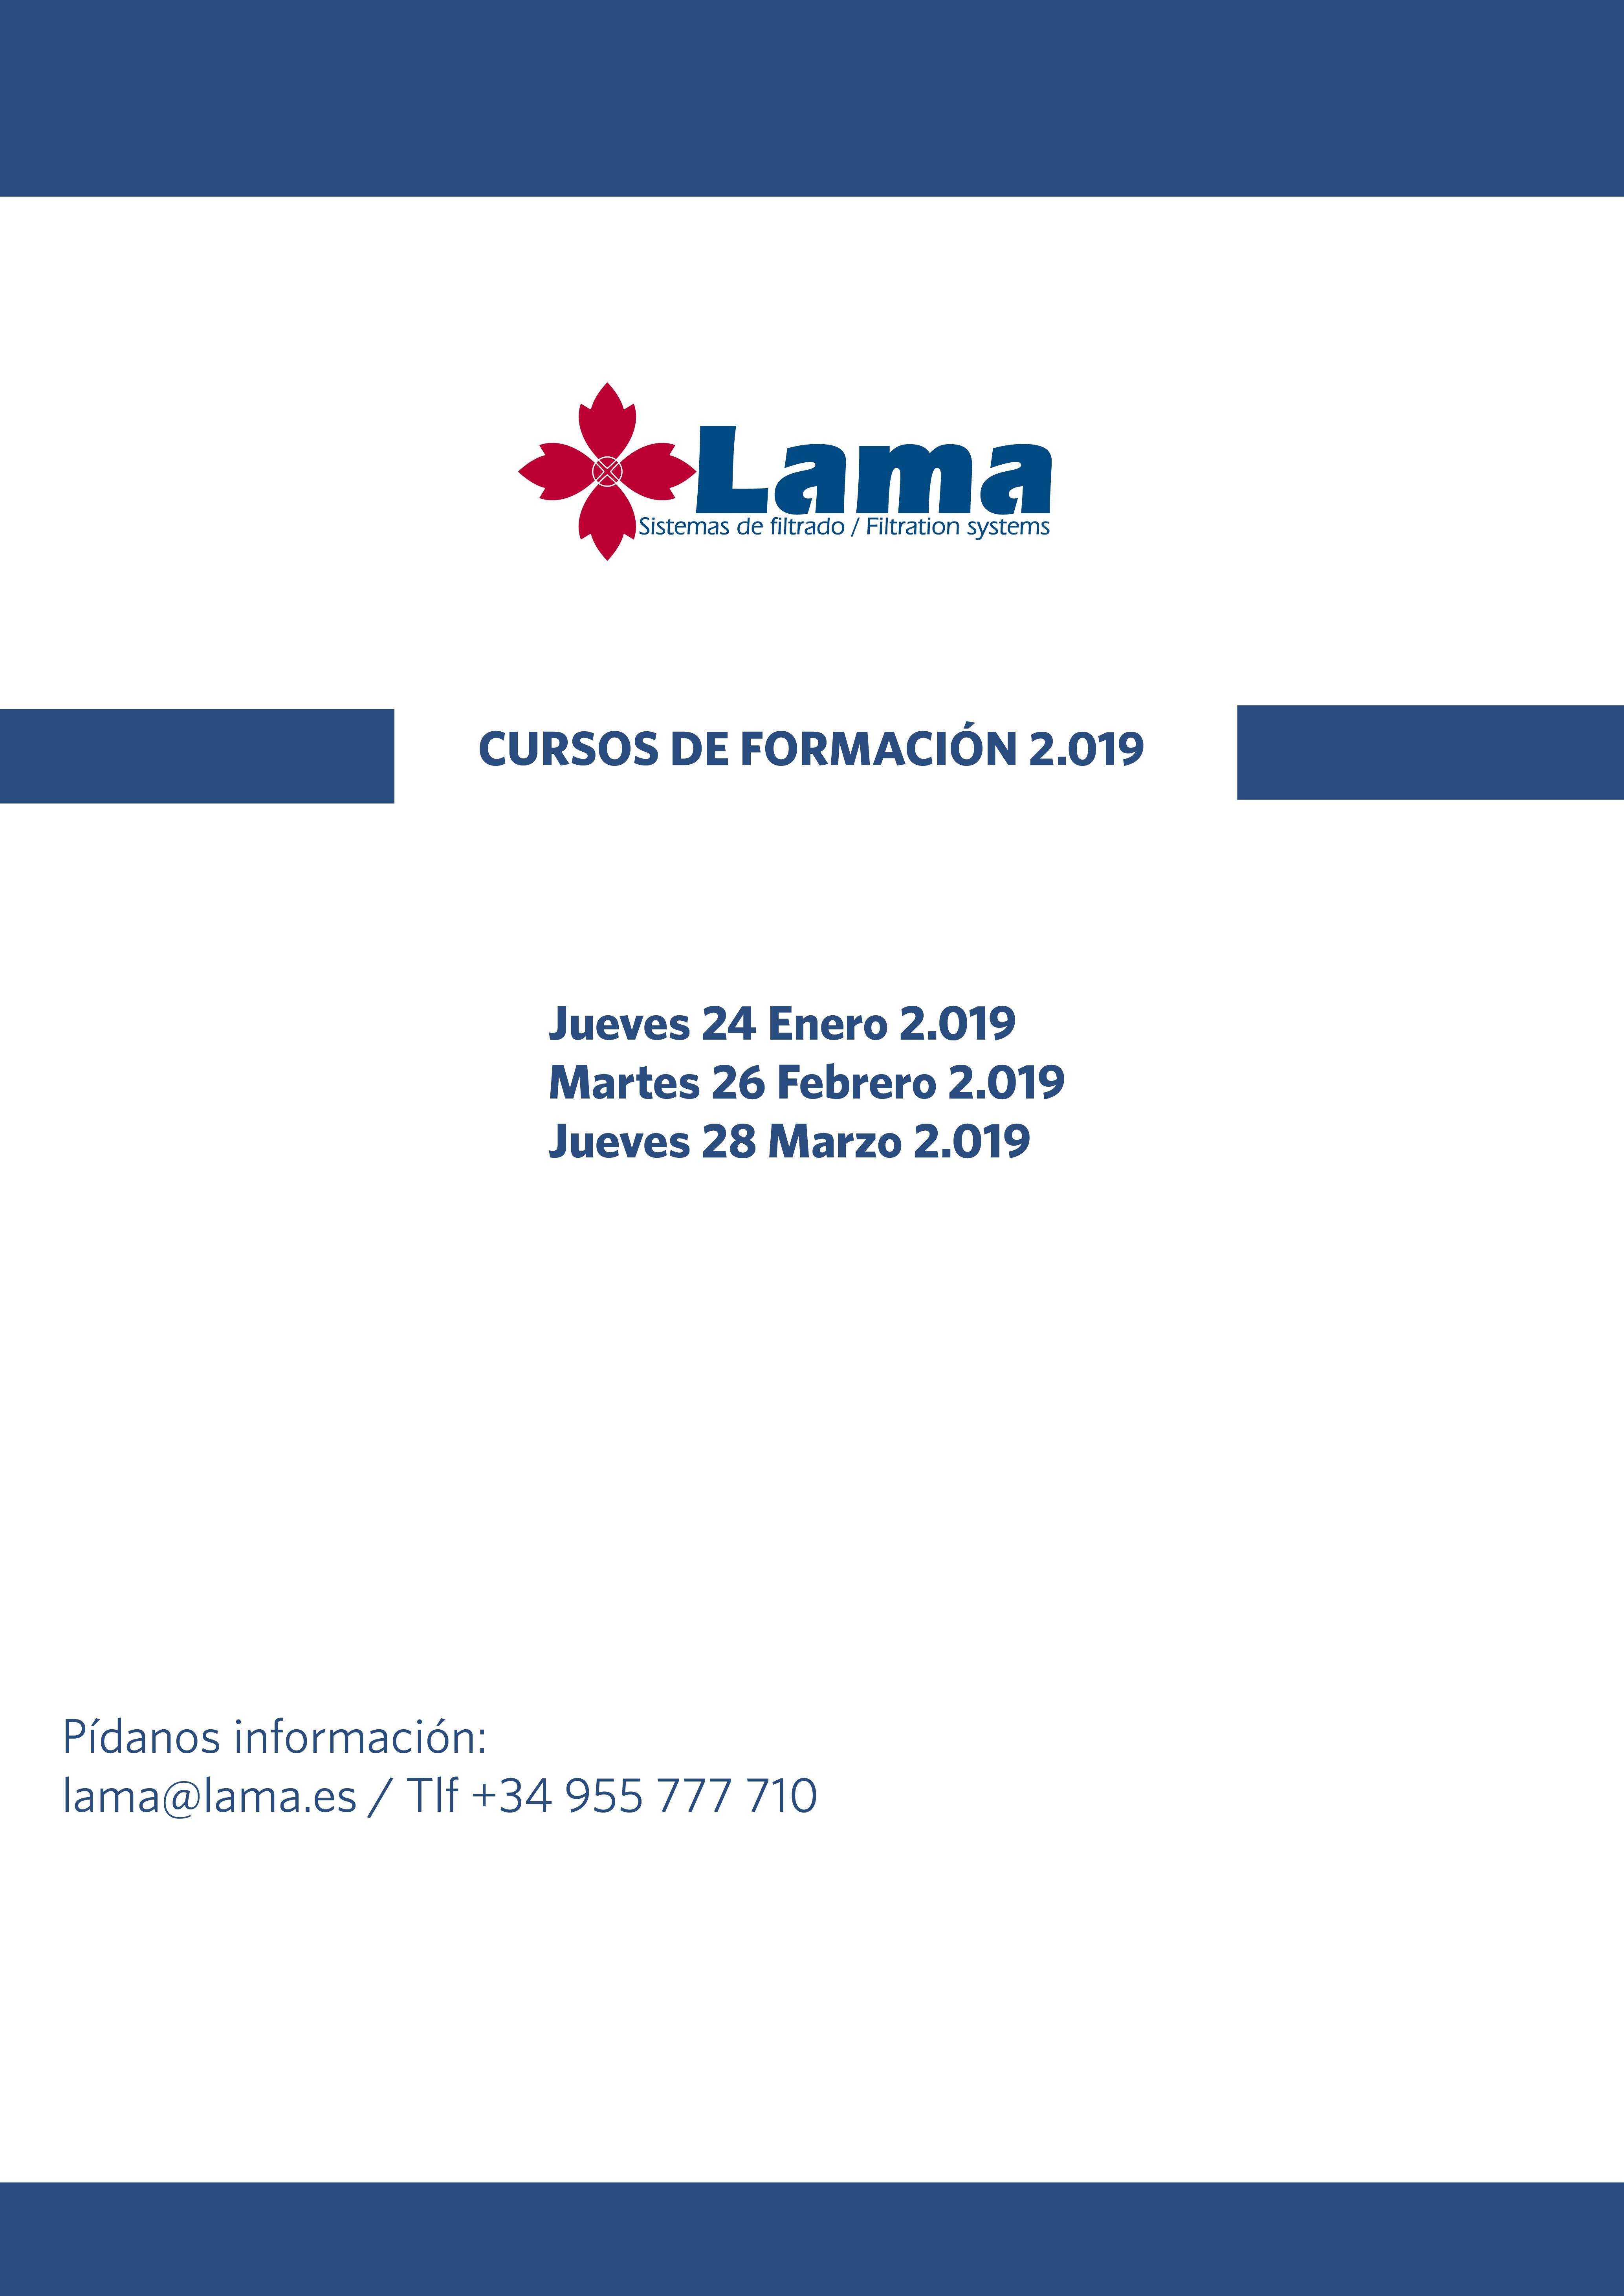 Cursos-formacion-2019-LAMA